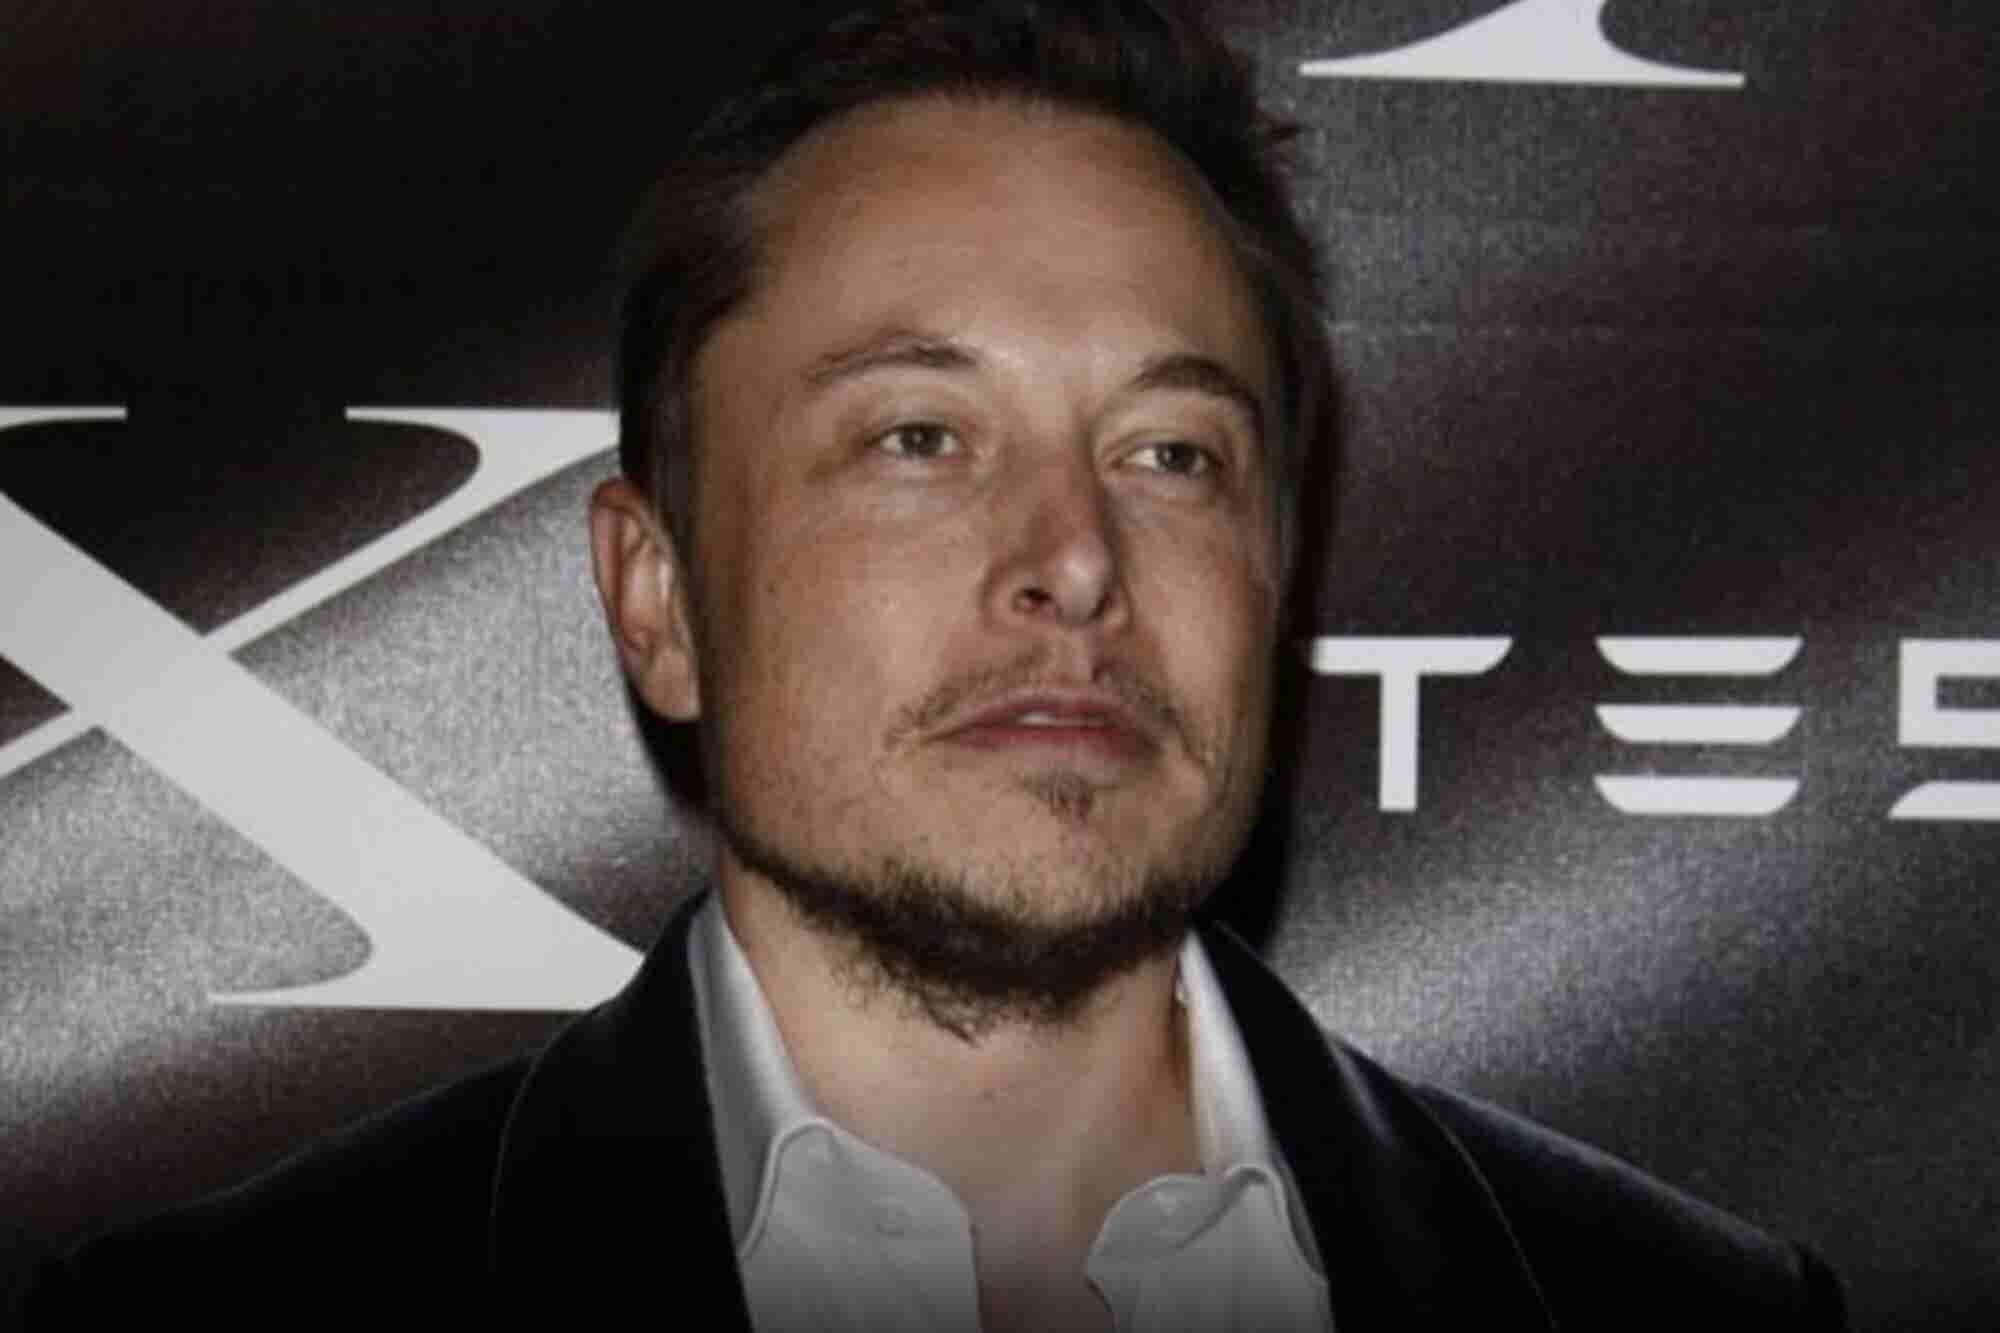 ¿Elon Musk regala 64 millones de dólares? (Por eso siempre hay que leer antes de actuar)